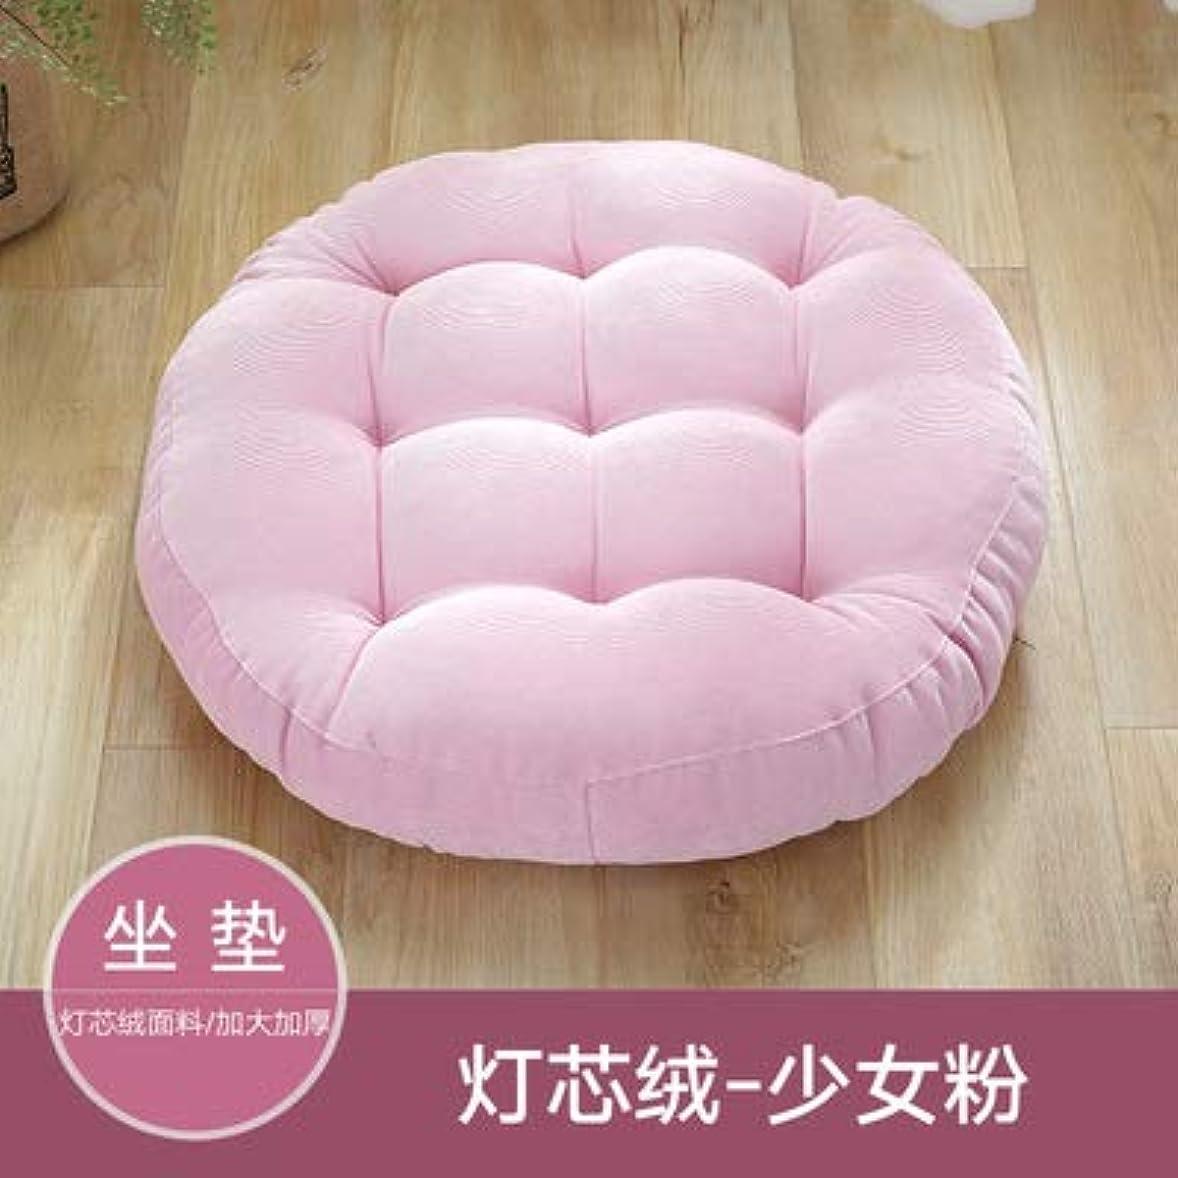 是正するチキンリルLIFE ラウンド厚い椅子のクッションフロアマットレスシートパッドソフトホームオフィスチェアクッションマットソフトスロー枕最高品質の床クッション クッション 椅子